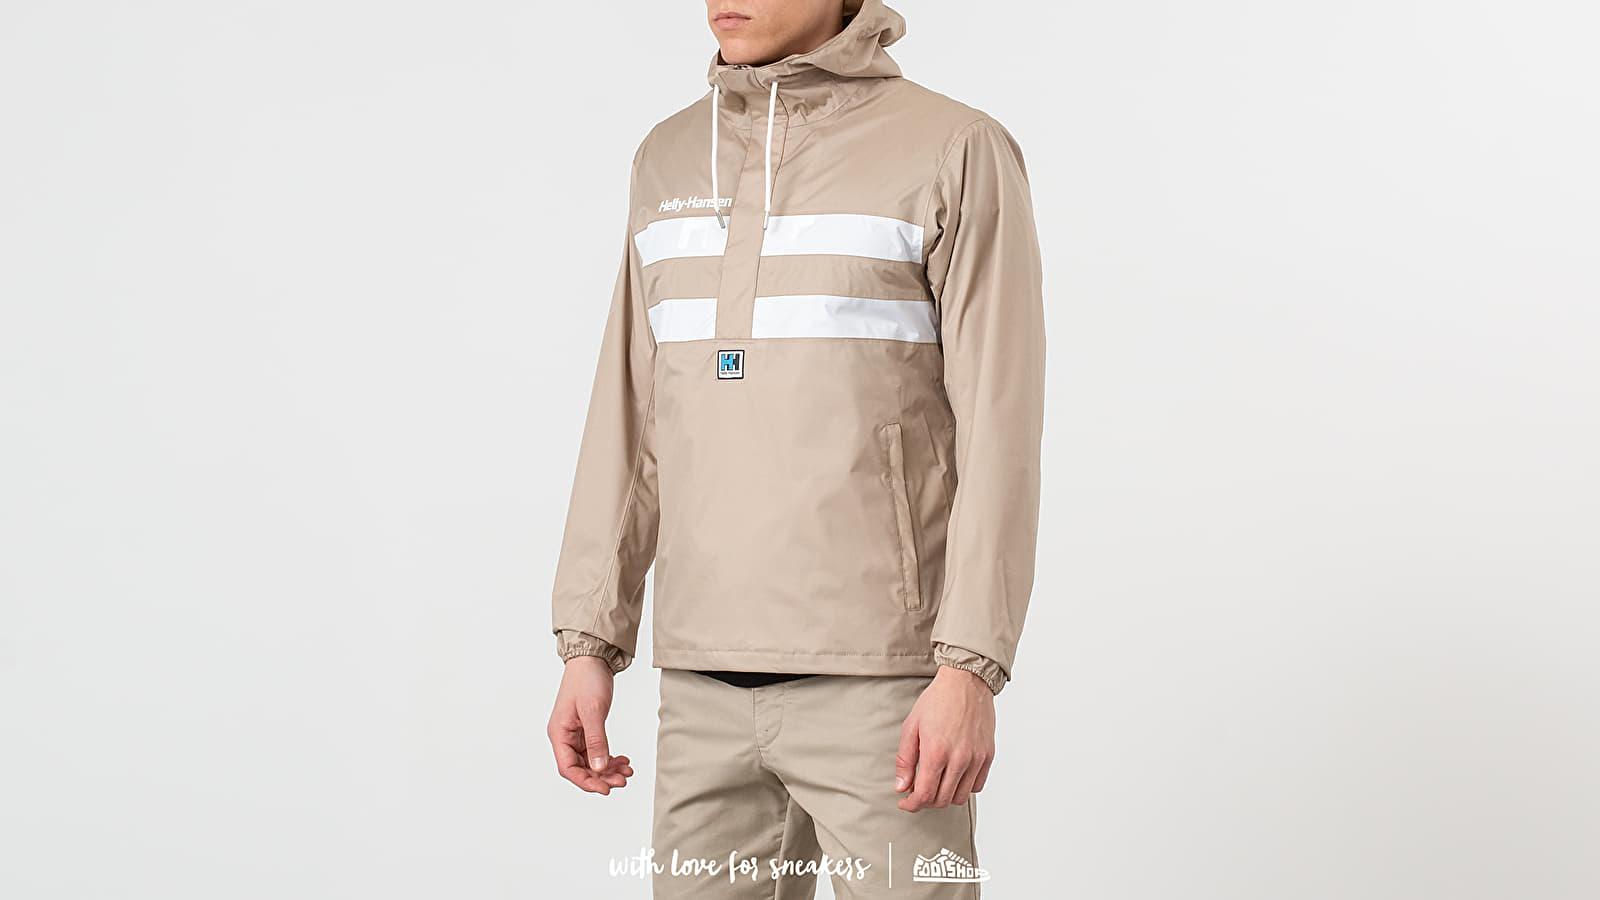 Helly Hansen Heritage Jacket Beige/ White za skvelú cenu 139 € kúpite na Footshop.sk